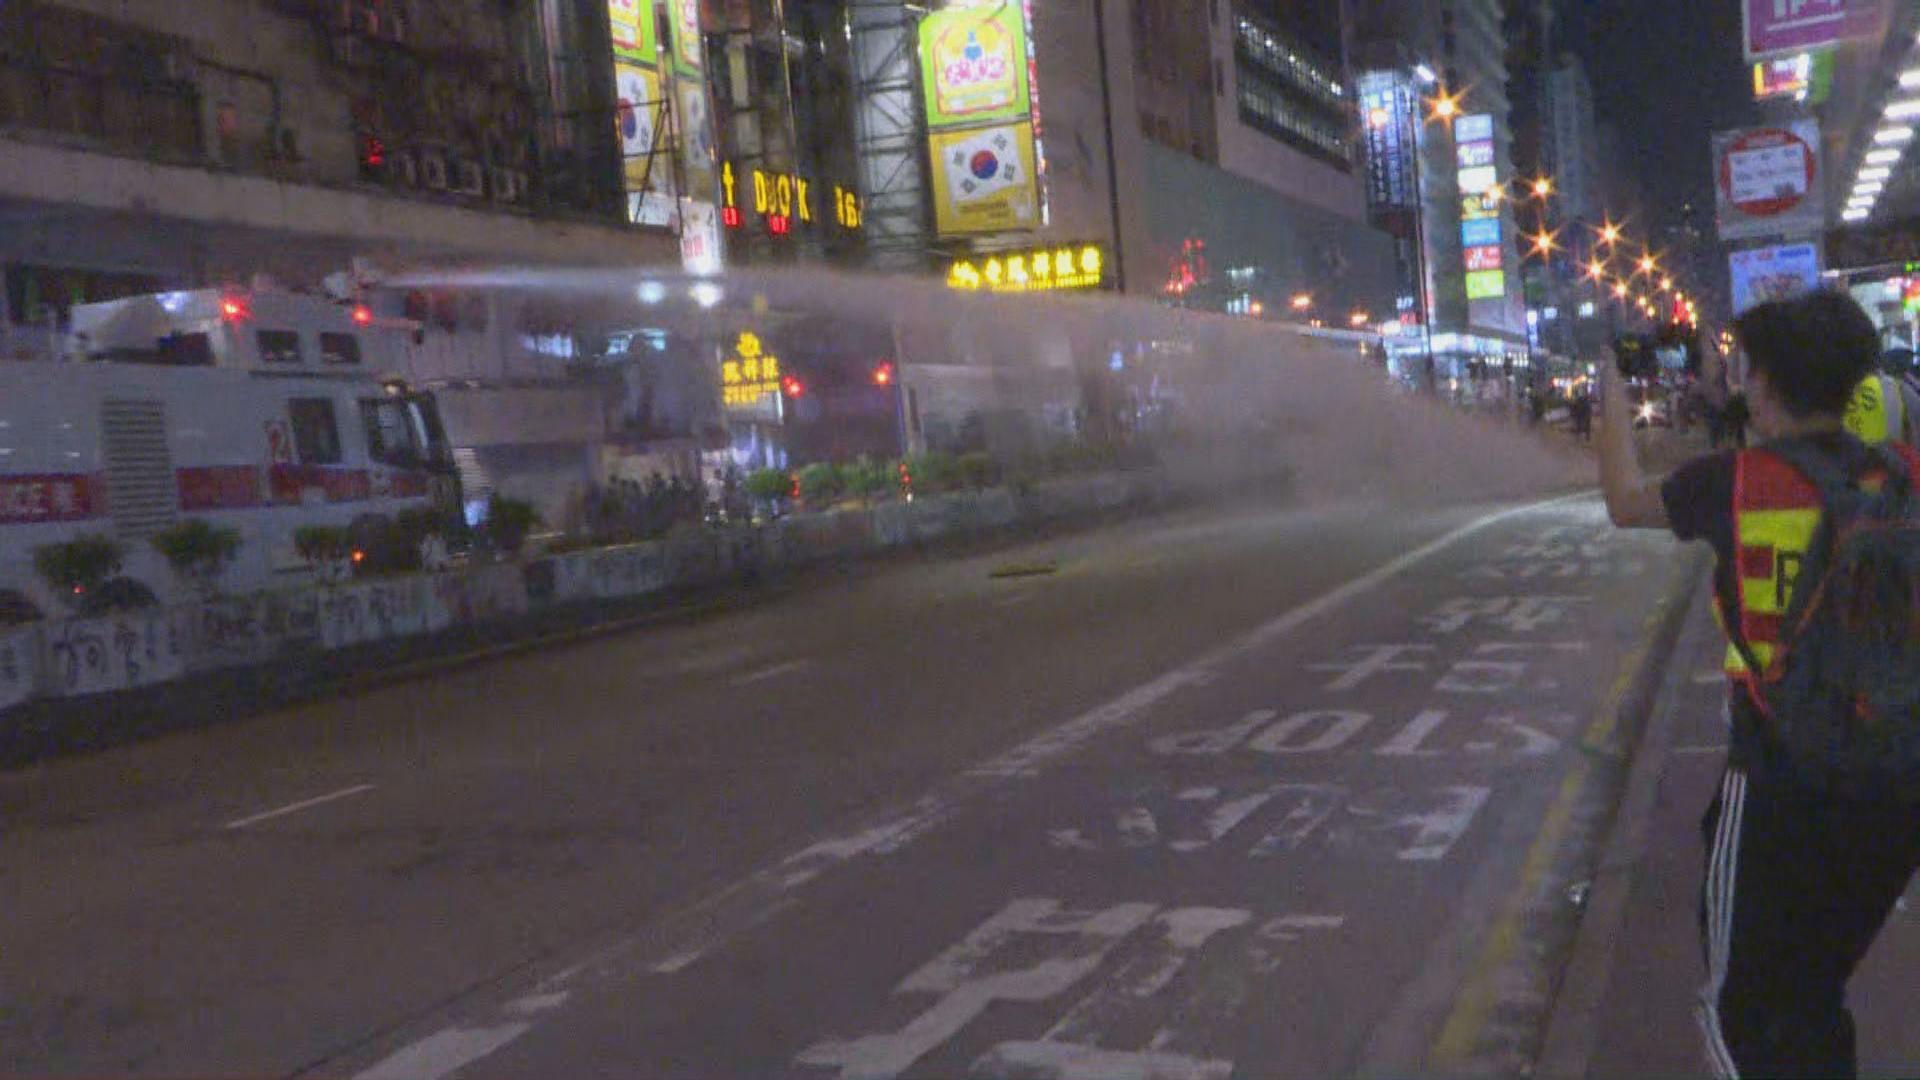 警於旺角施放催淚彈及出動水炮車驅散示威者